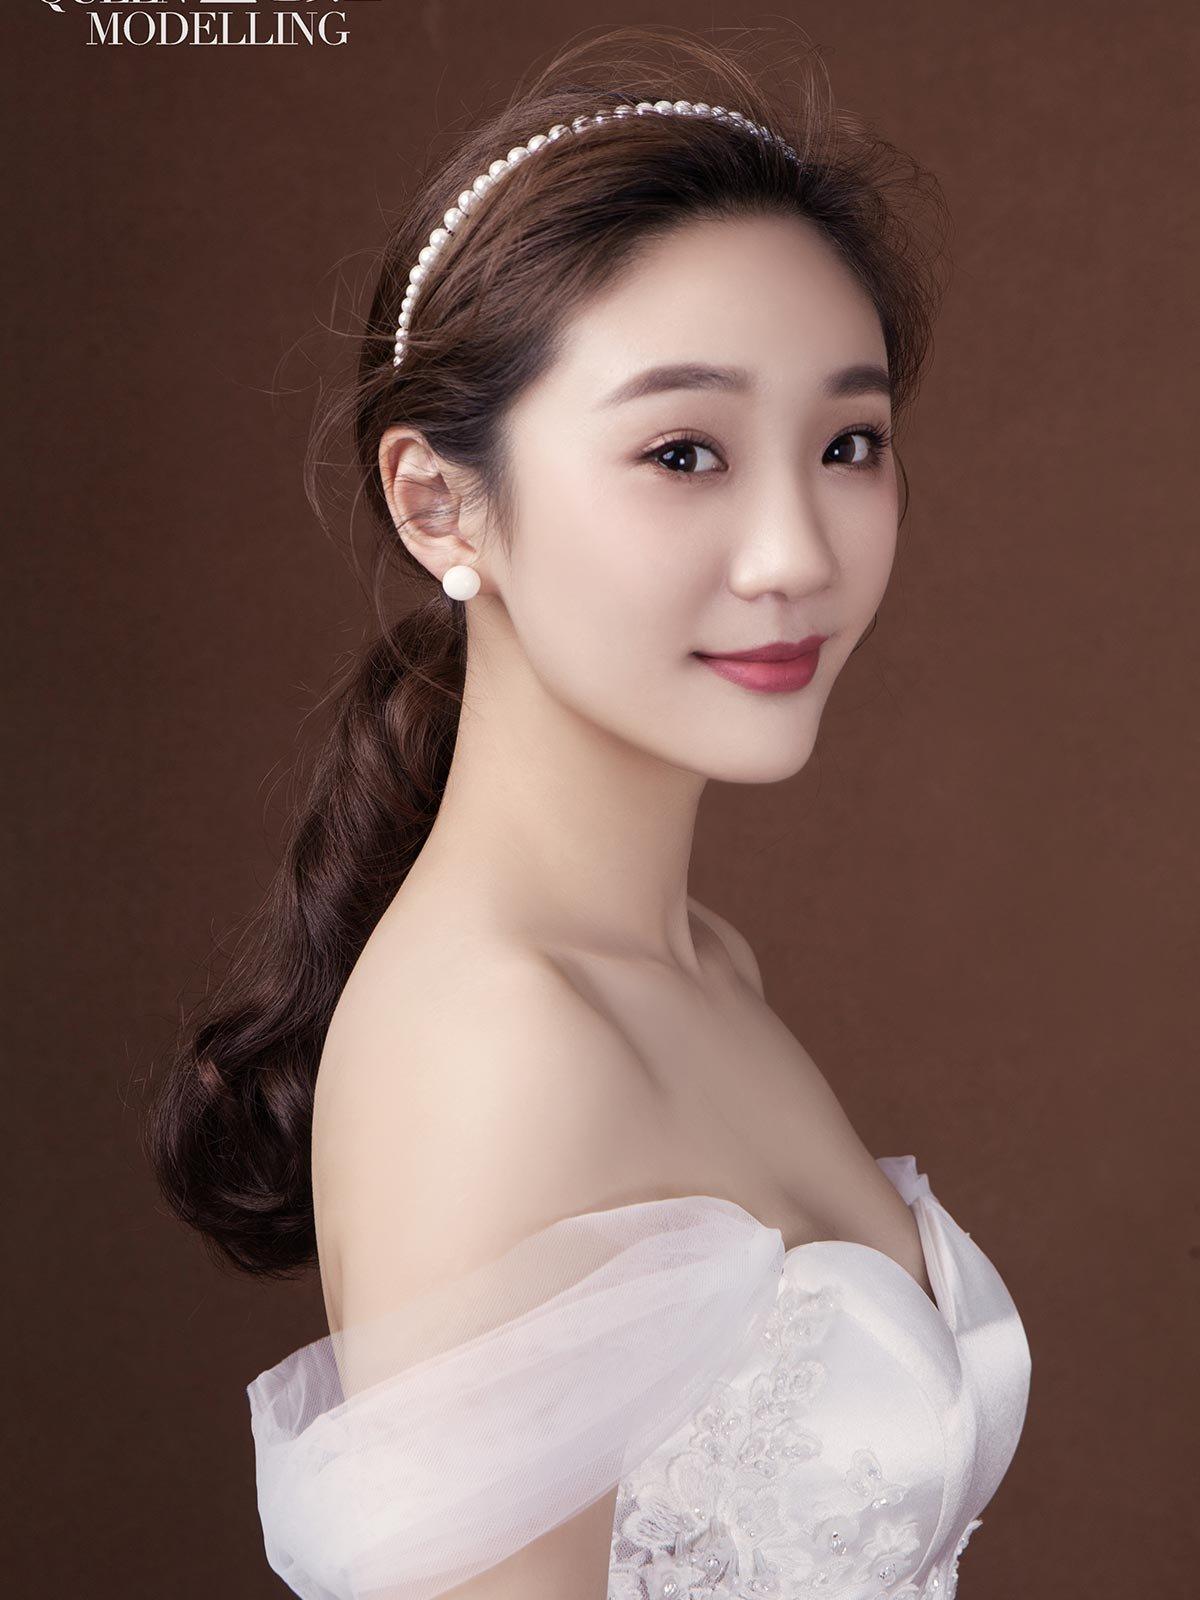 以韩式裸妆为基础,赋予森系新娘清透灵动精致的感觉.图片